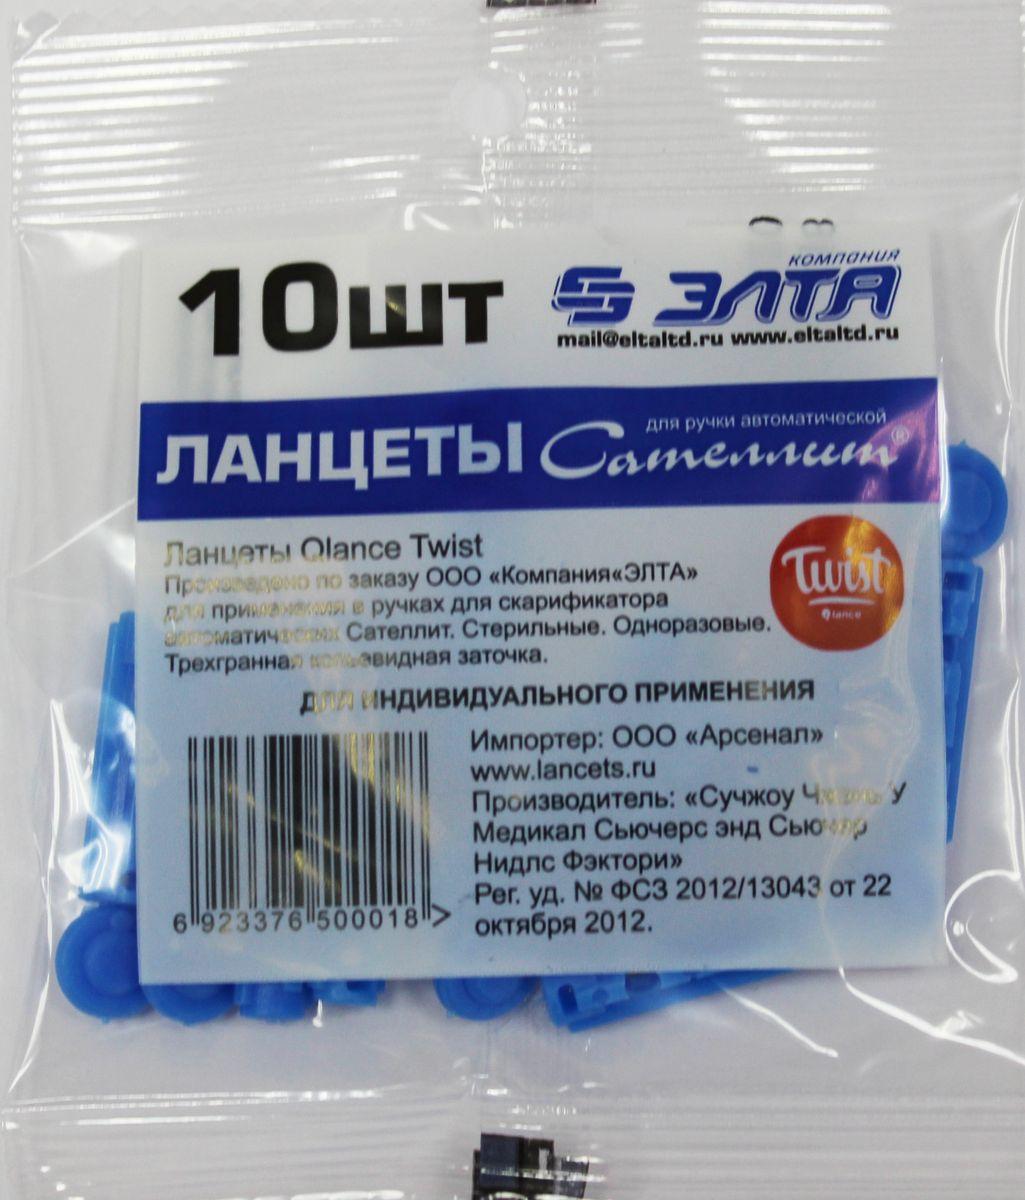 Ланцеты Сателлит Qlance Twist 28G, 10 шт3560Стерильные ланцеты (10 штук) для забора капли крови. Подходят к большинству ручек для прокалывания (автоматических прокалывателей). Сверхтонкое острие ланцета делает прокалывание менее болезненным. В целях безопасности ланцеты предназначены только для индивидуального пользования.